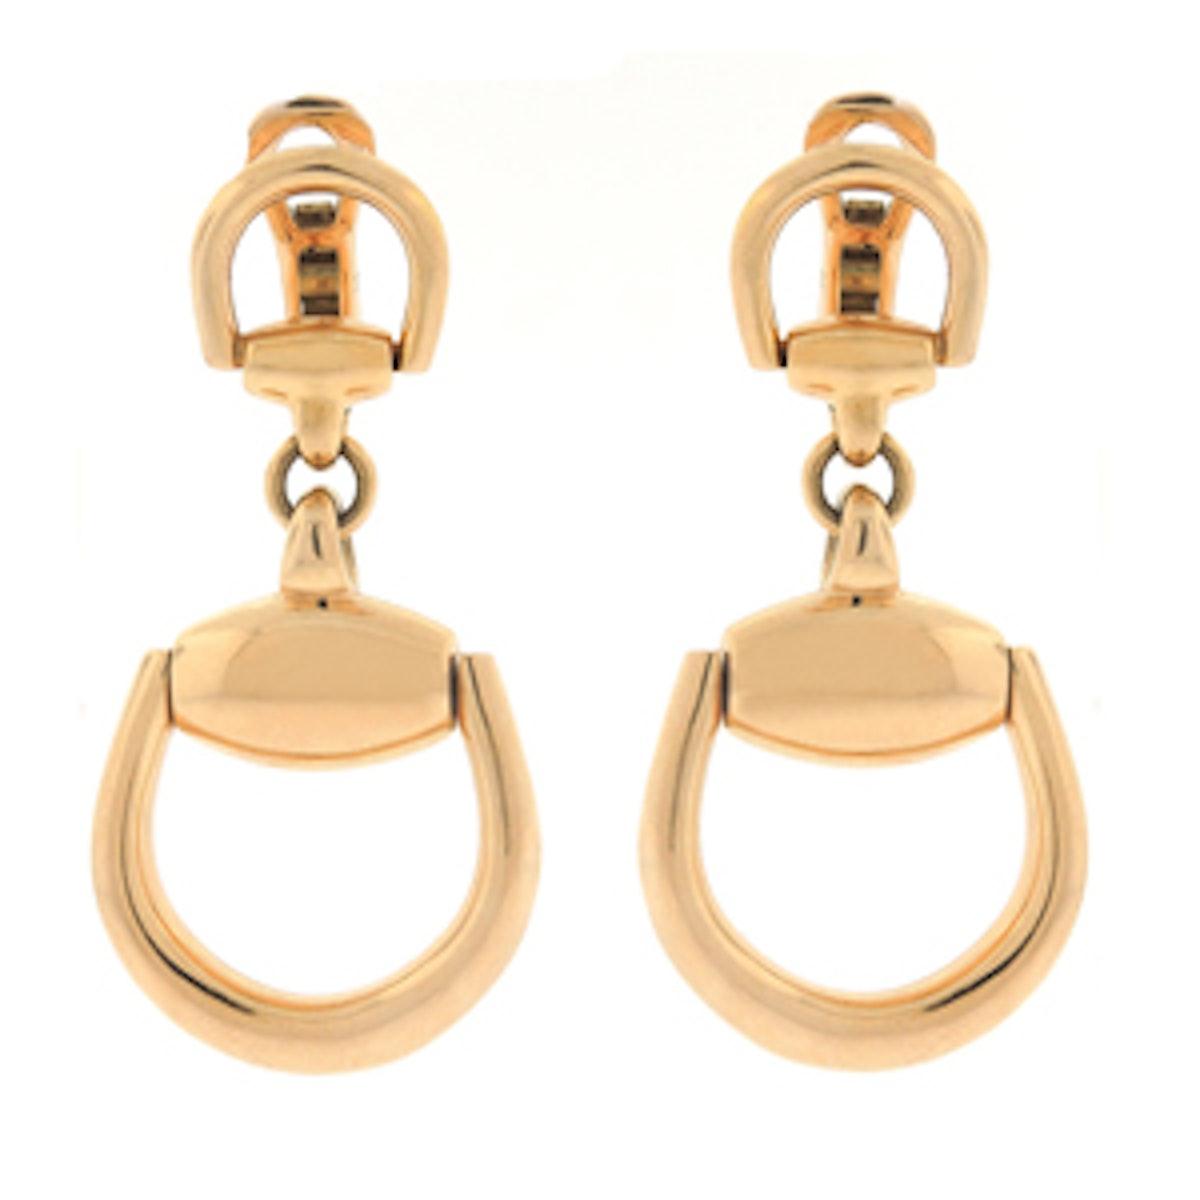 Vintage Horsebit Earrings in 18K Gold